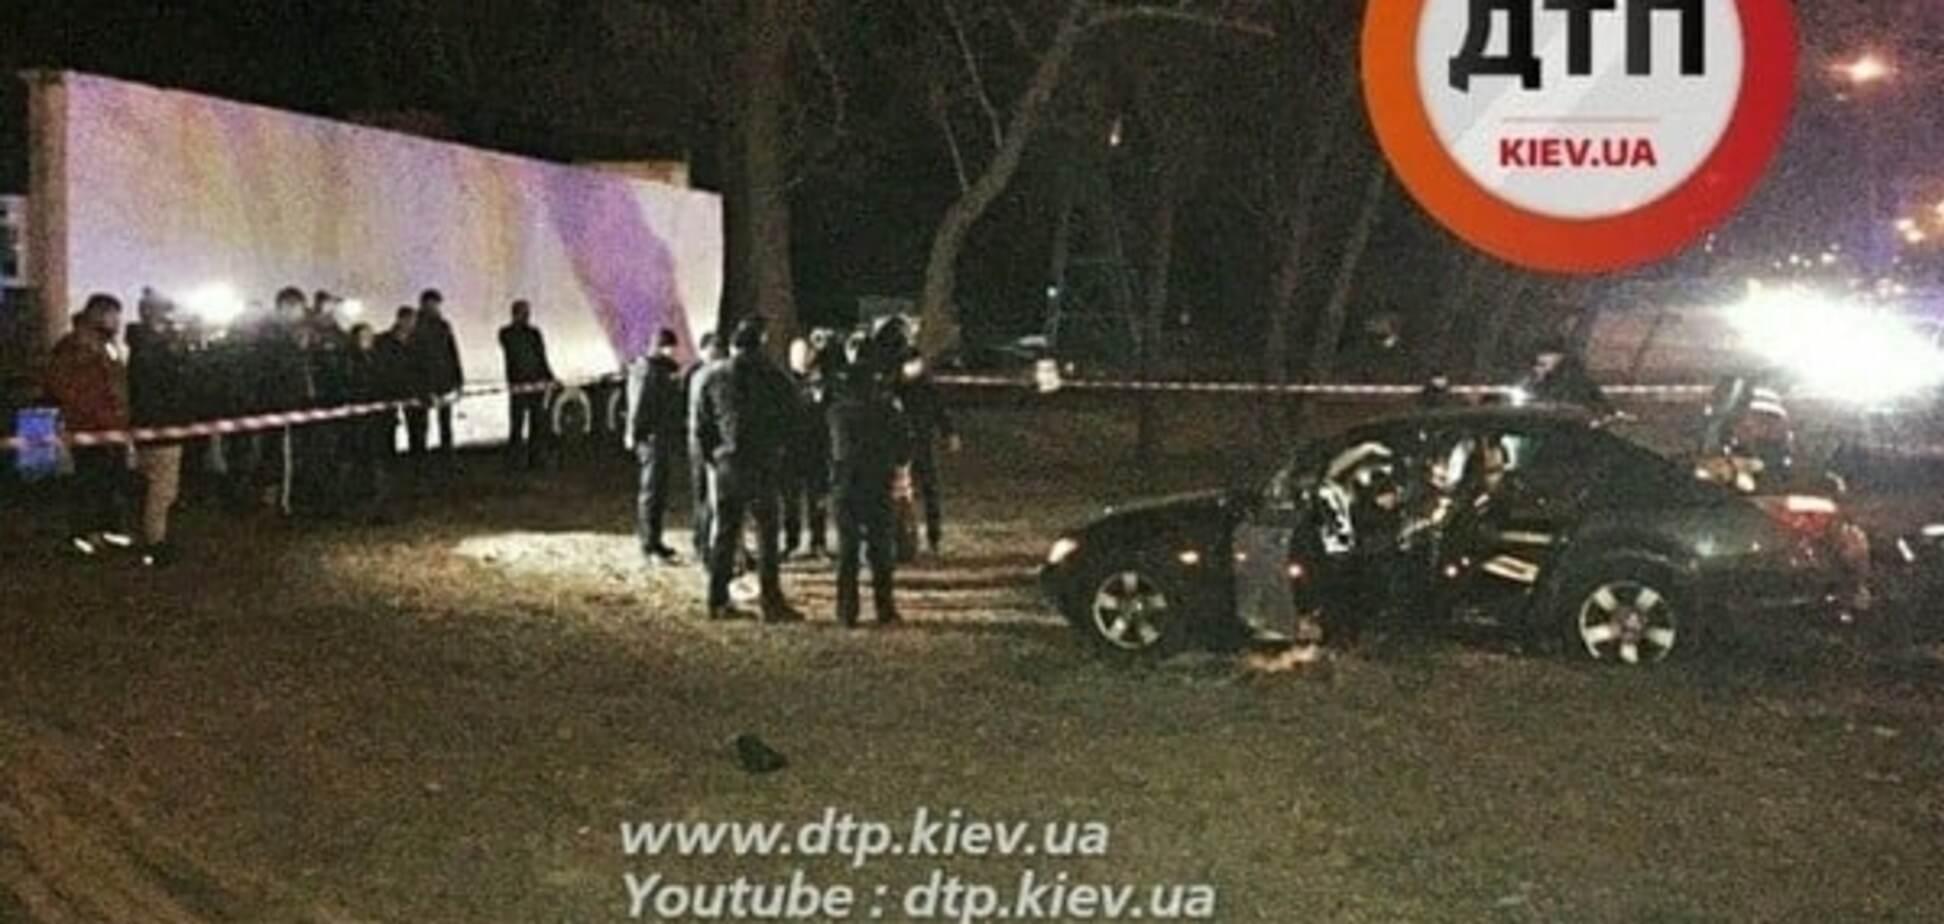 Погоня в Киеве: полицейских отстранили от службы на время расследования